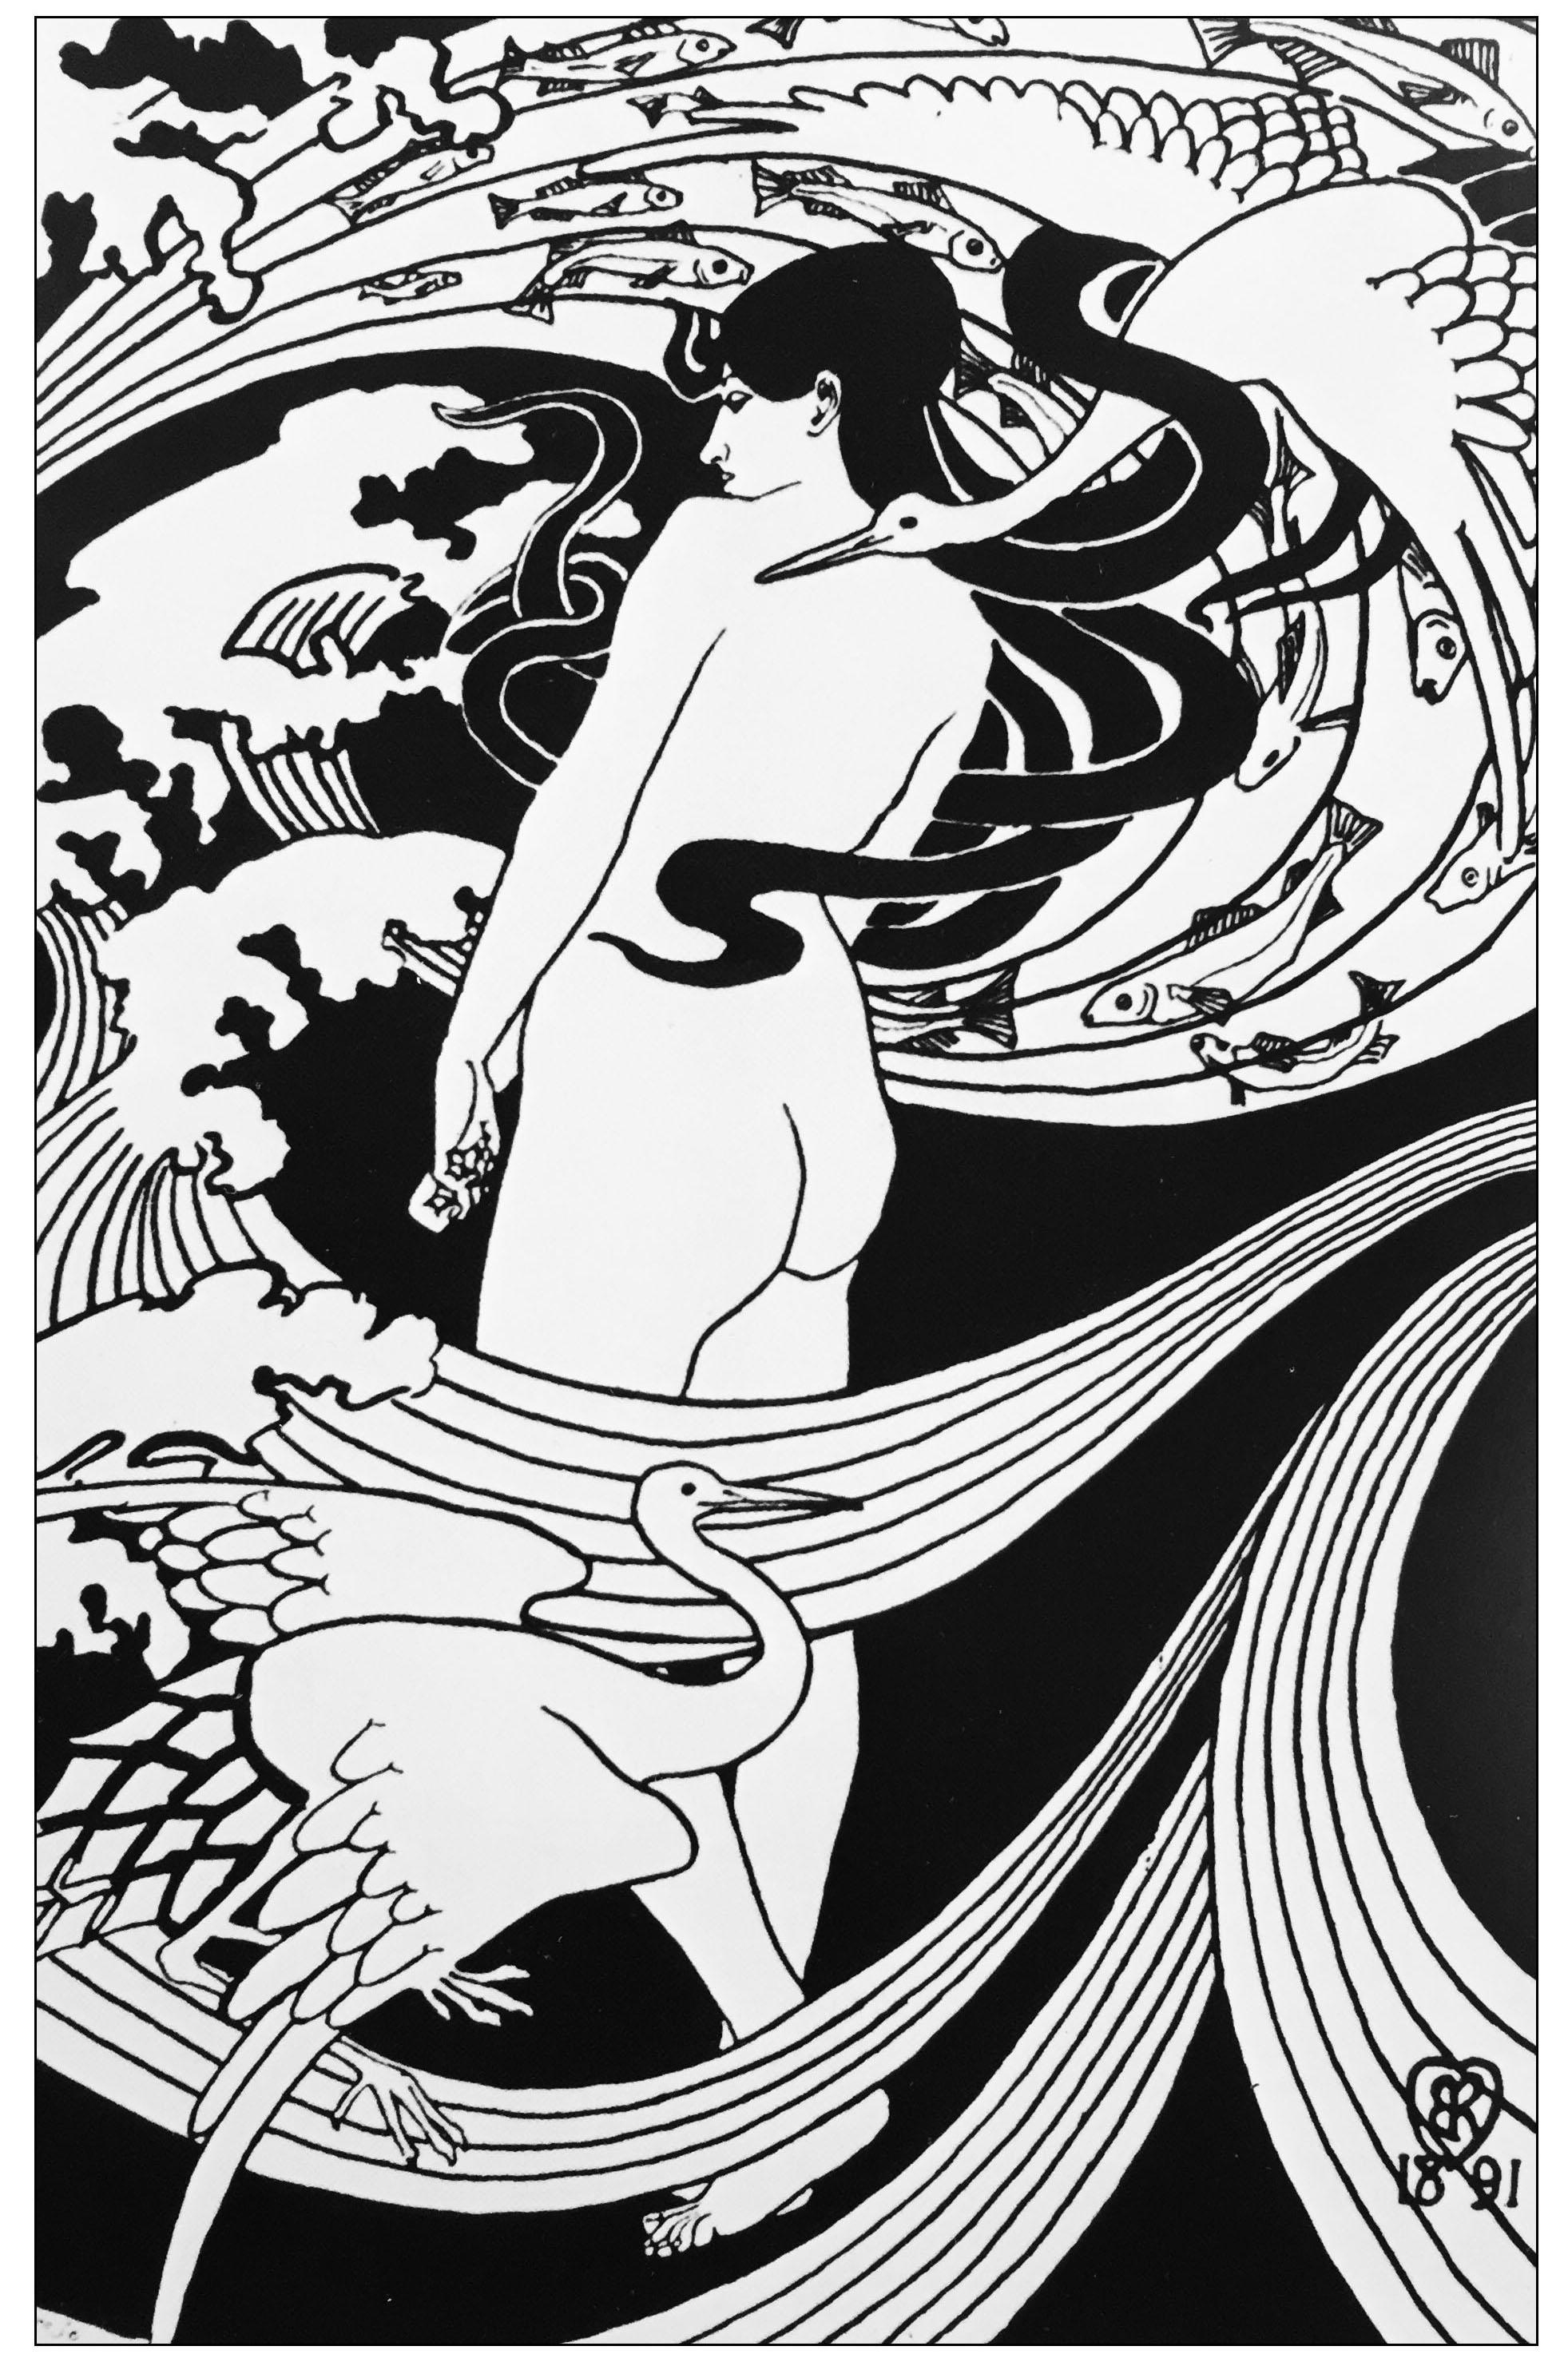 Colorear para adultos : Art nouveau - 24